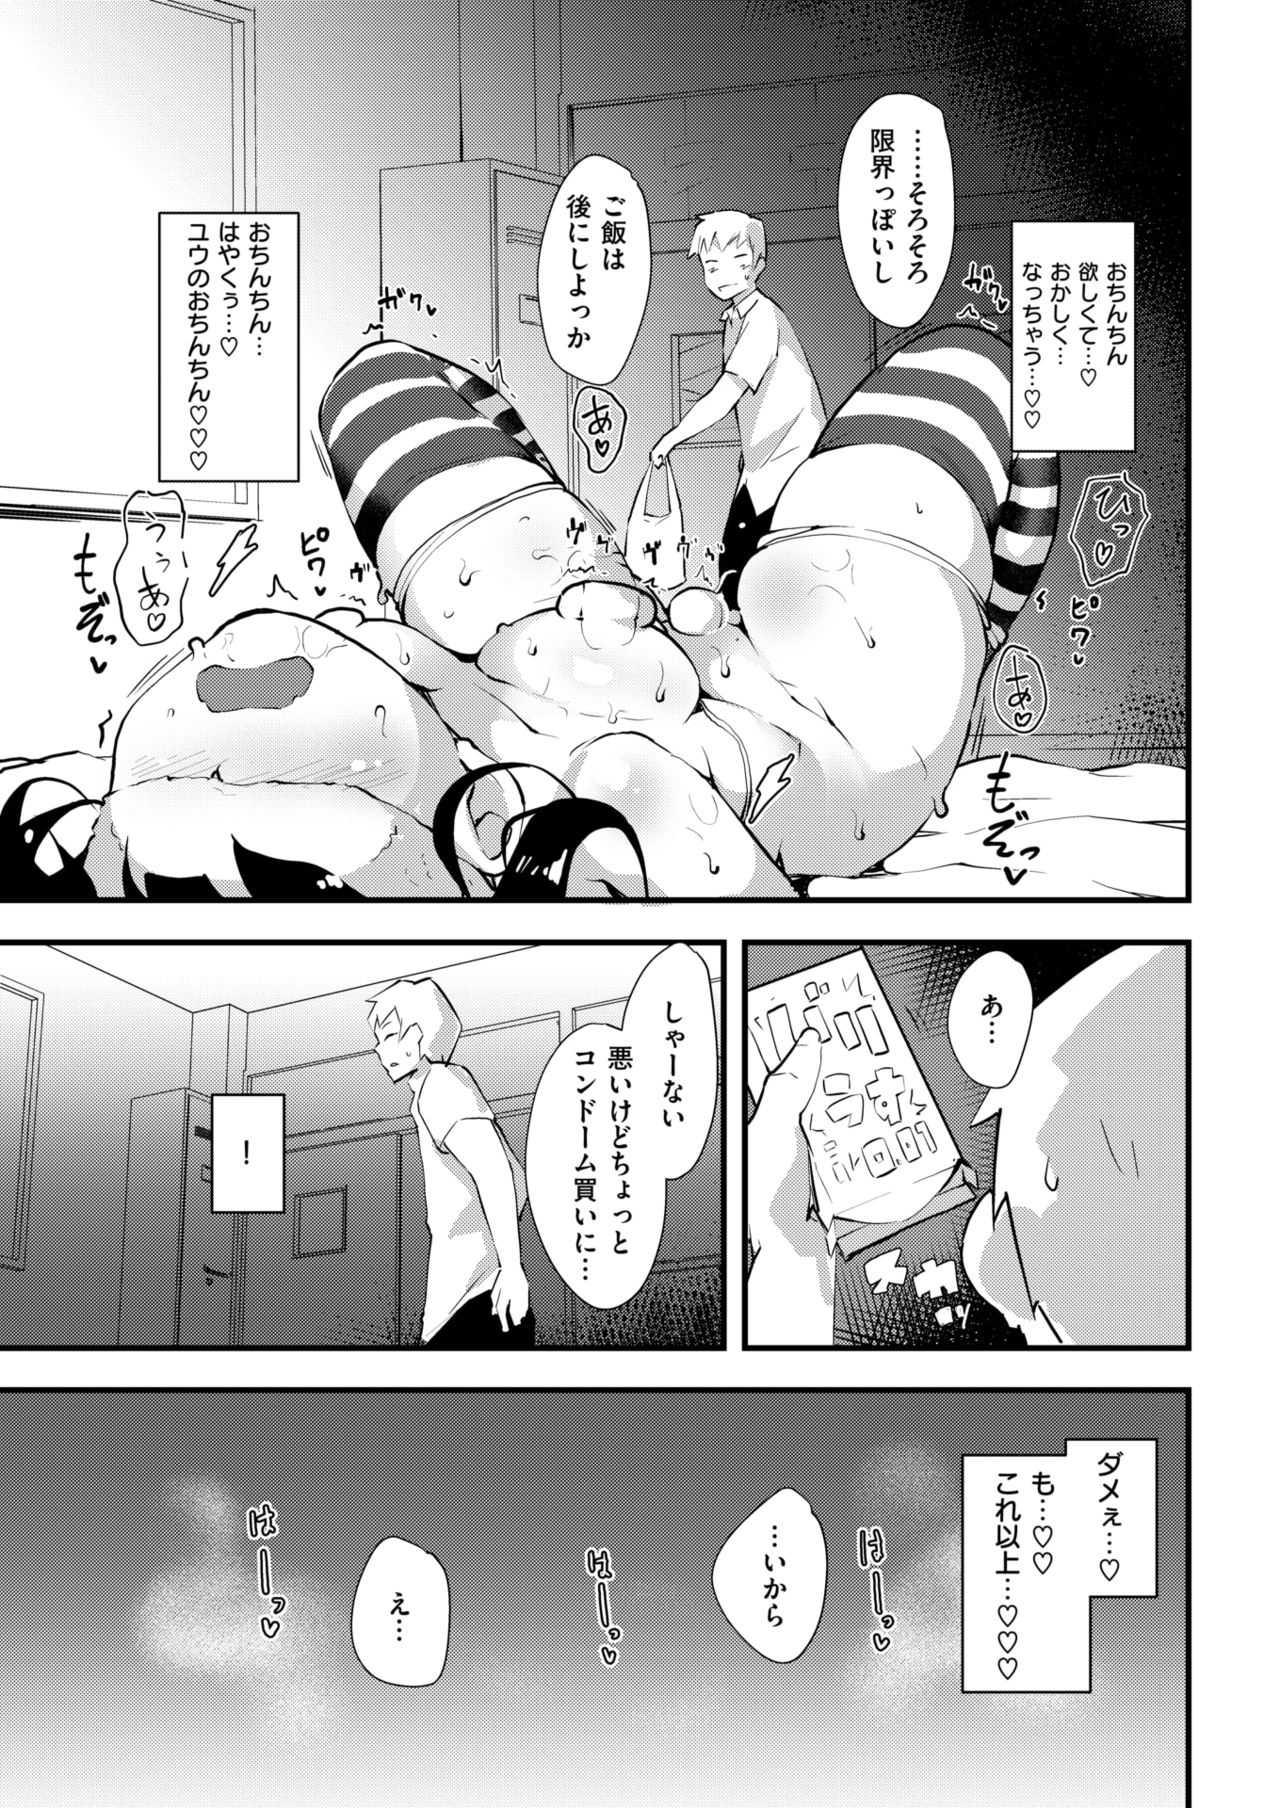 【エロ漫画】彼氏と学校に盗み入り泊まり込んでいるJK…玩具責め&放置プレイに堕ちて生チンポが欲しいと懇願www【rca:大型休日の過ごし方について】